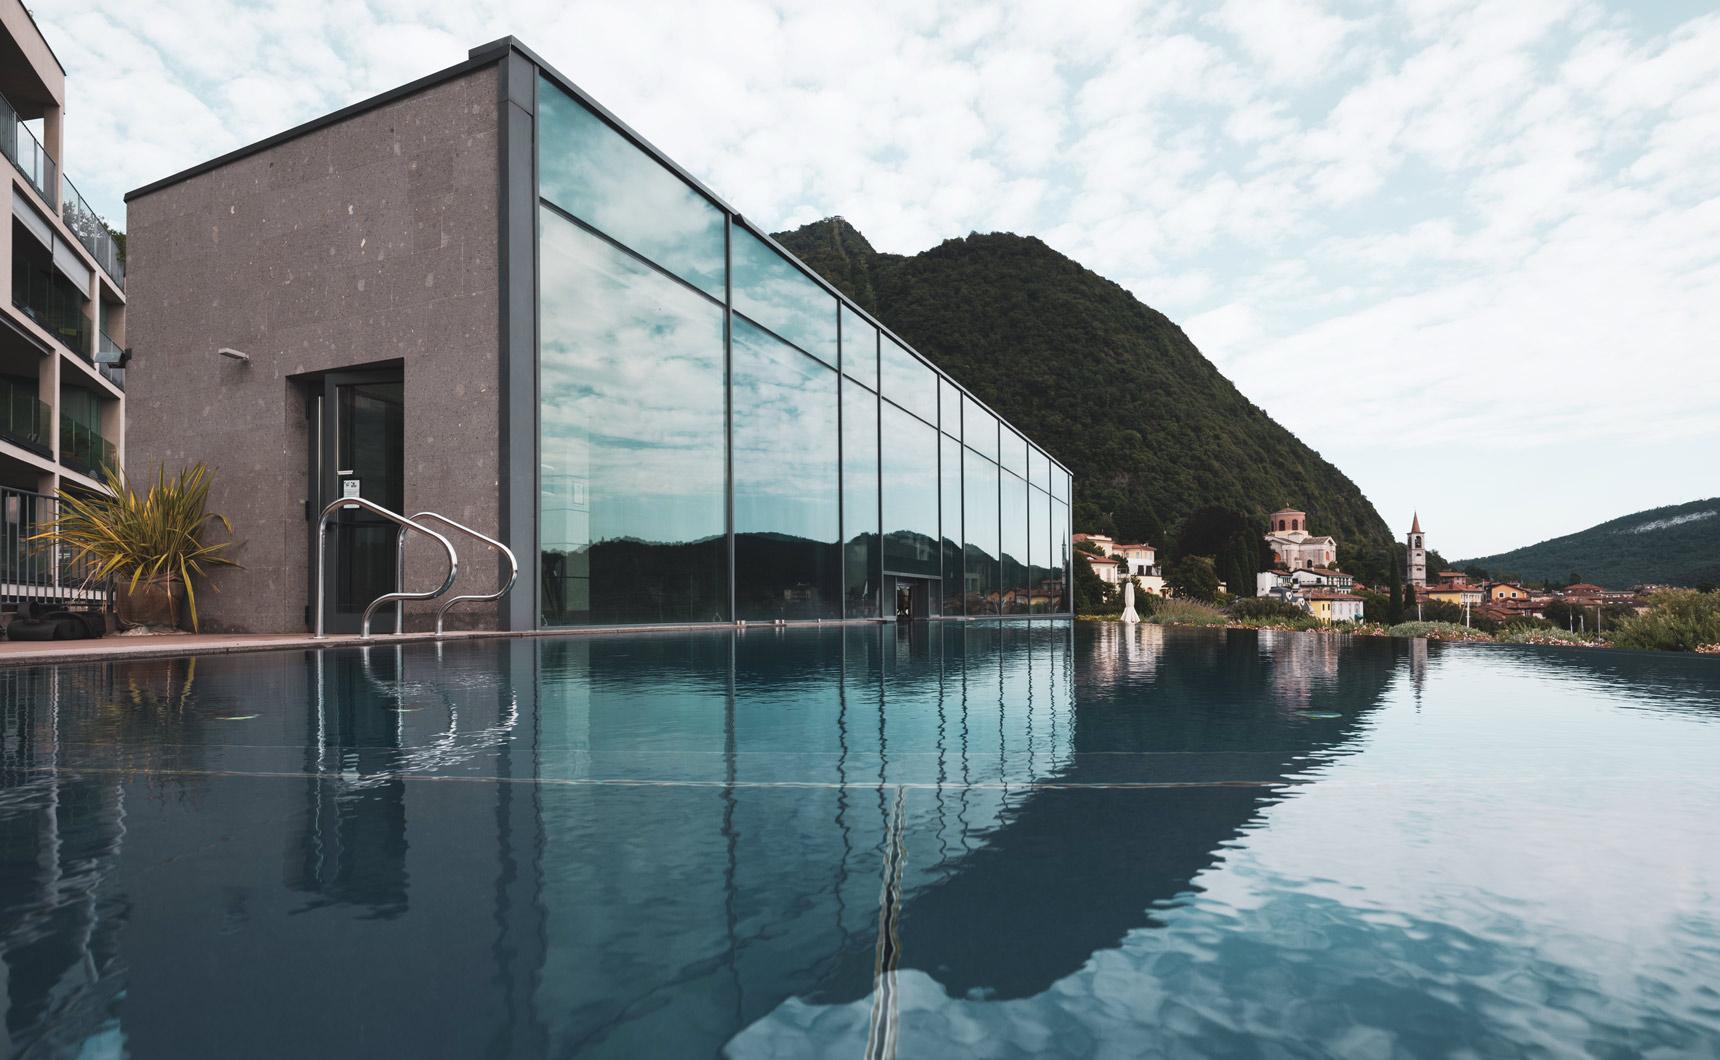 laveno_piscina03_